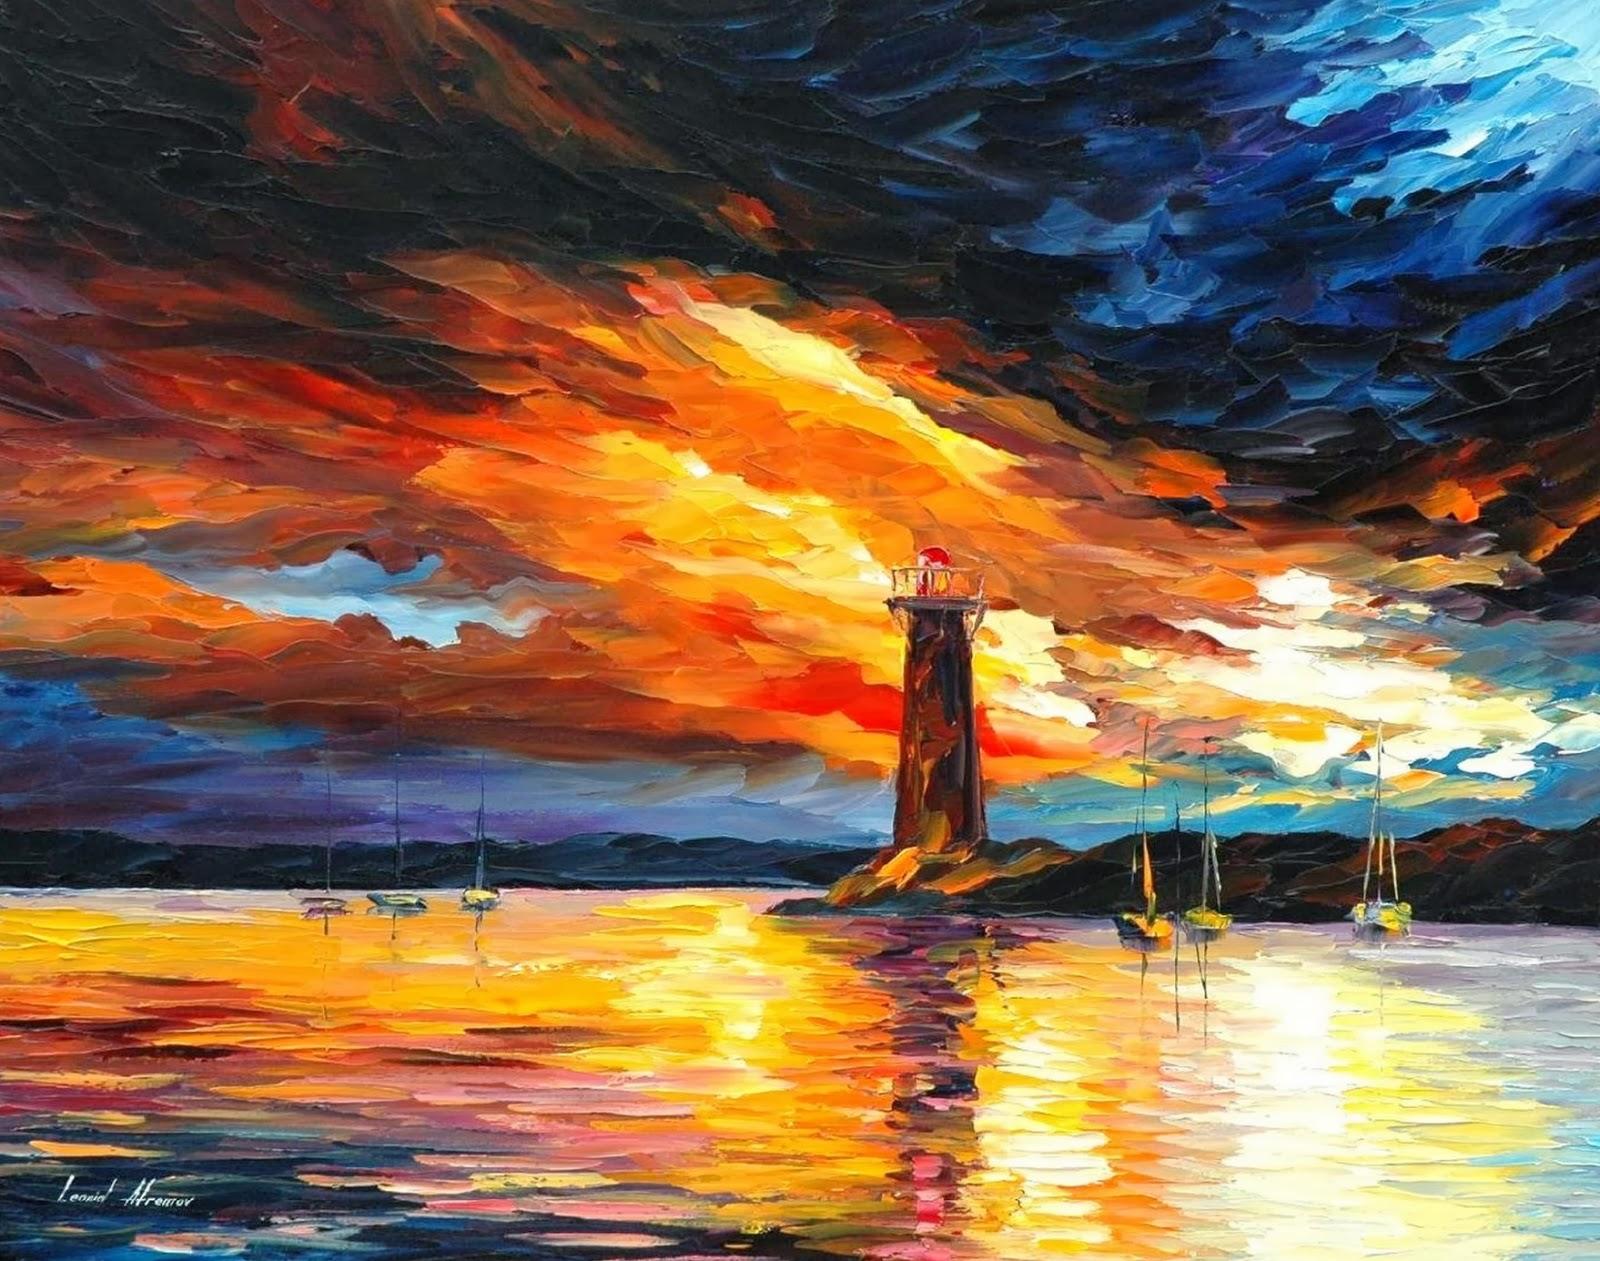 paisaje marino pintado al leo pinturas decorativas y coloridas leonid afremov